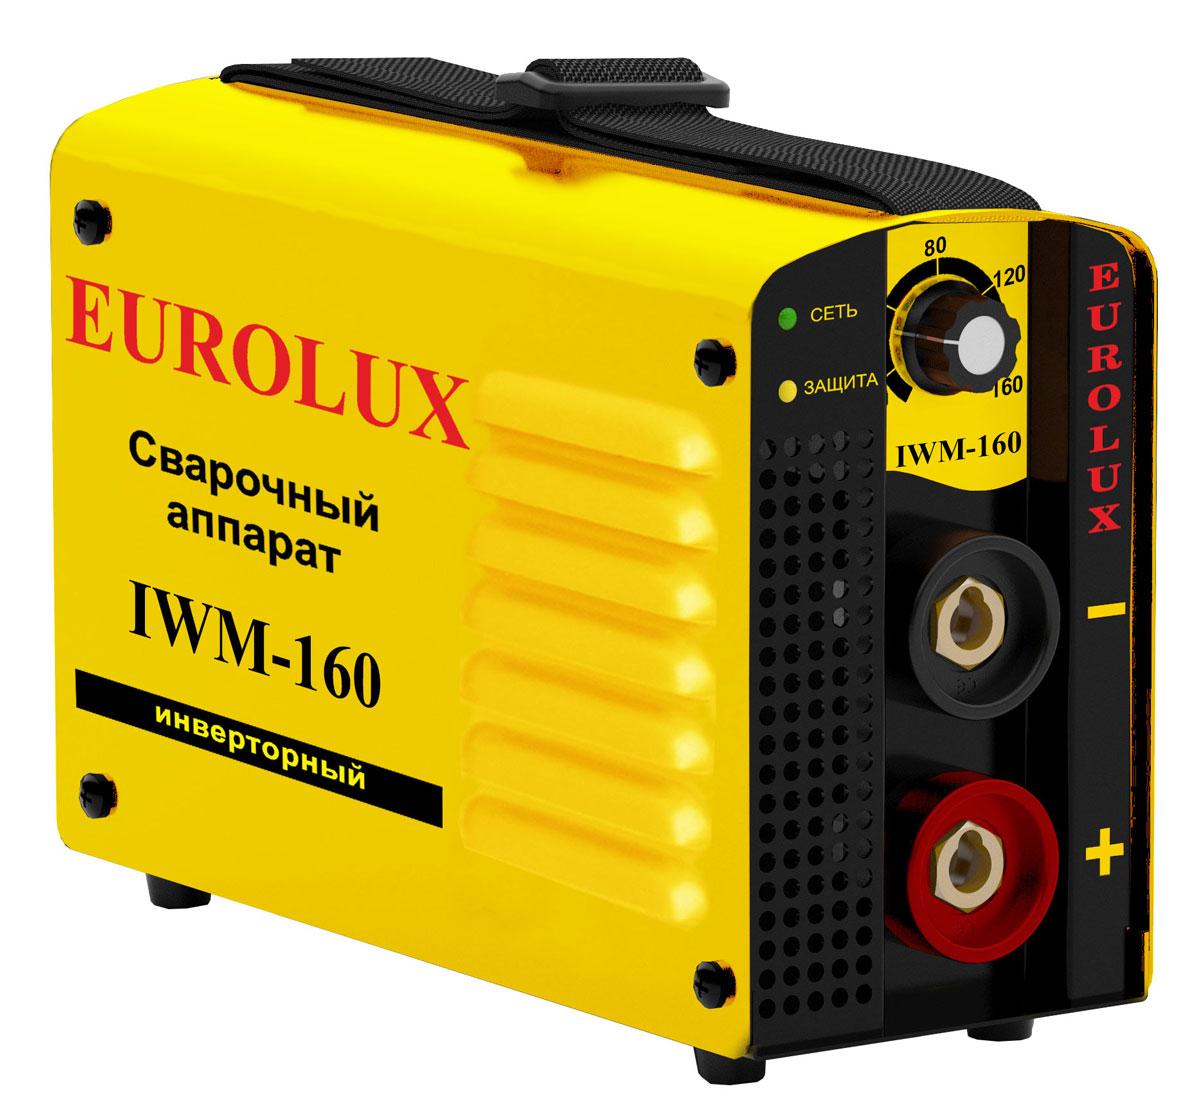 Инверторный сварочный аппарат Eurolux IWM-160 65/26.